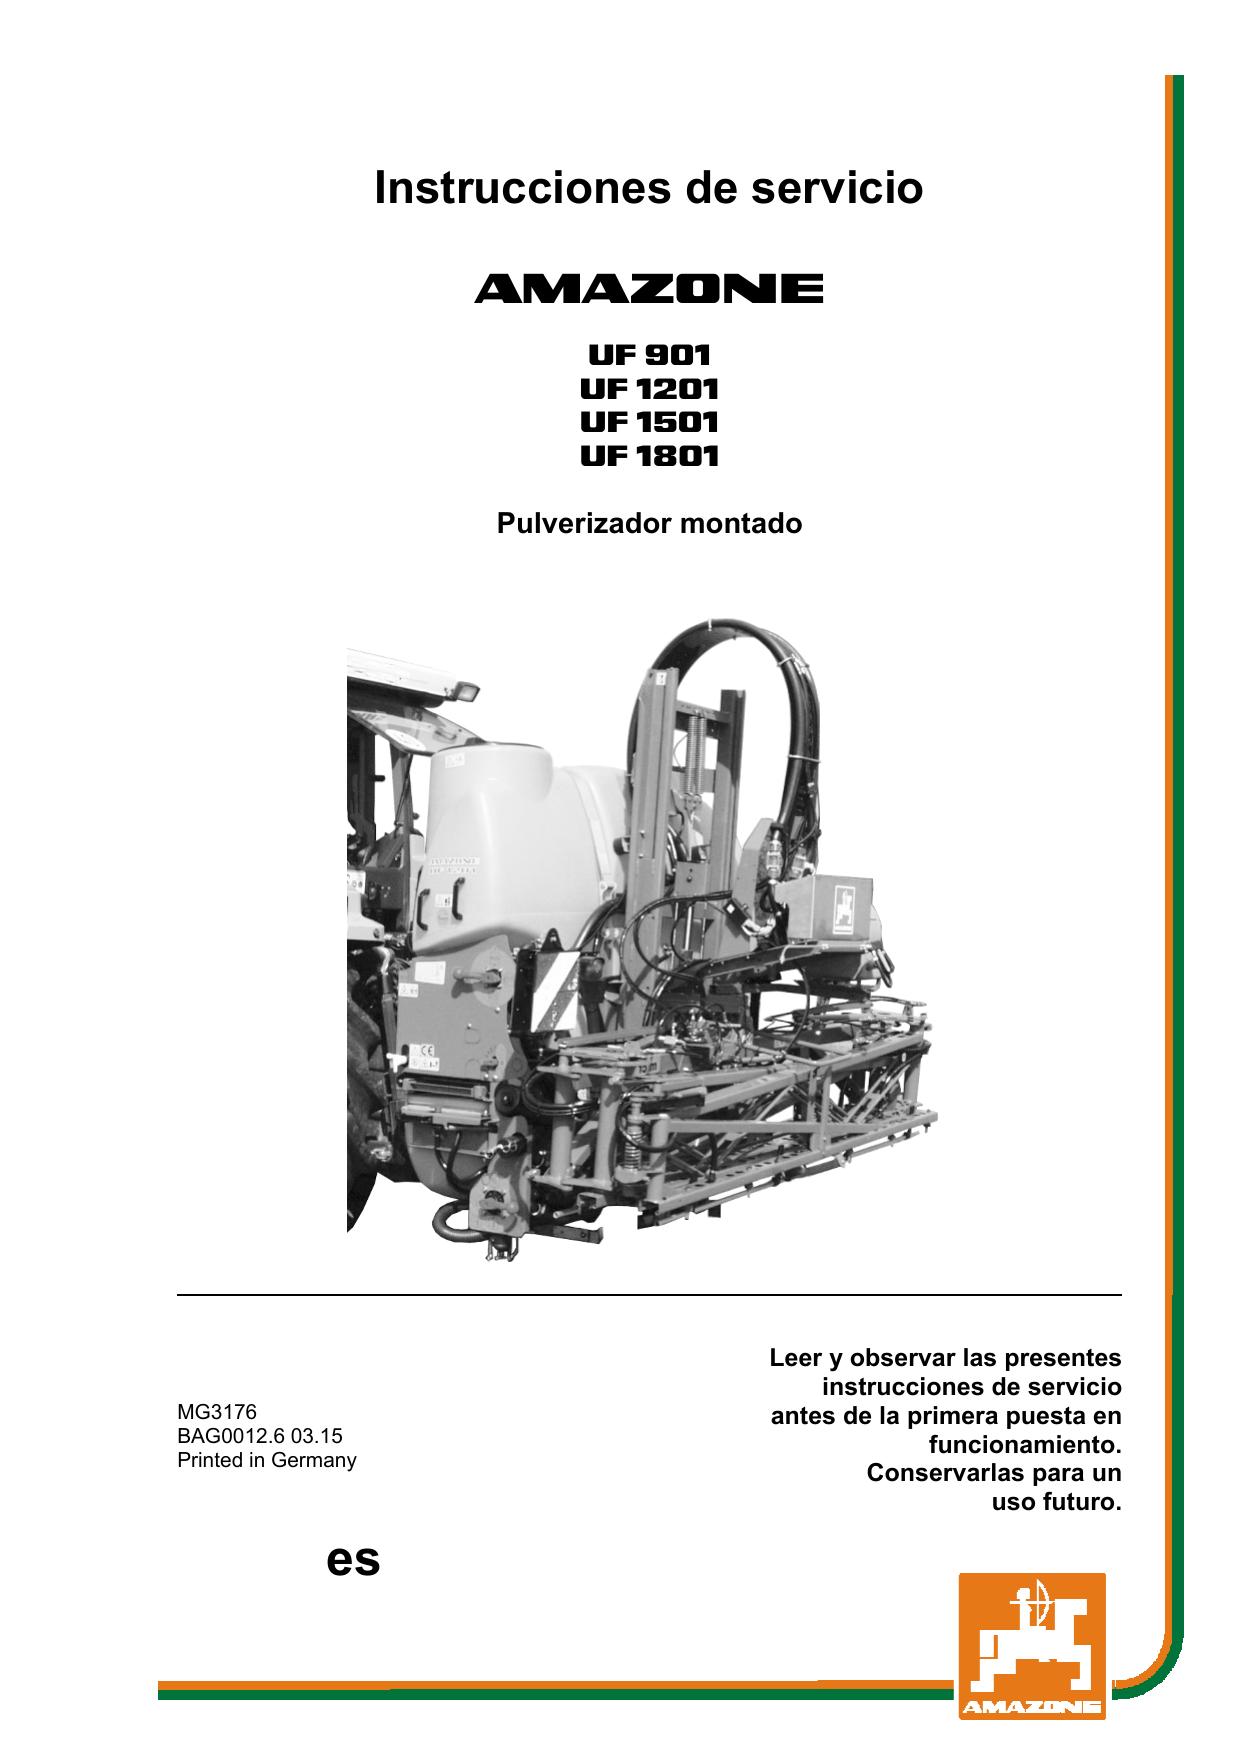 5 * 7cm MaquiGra Mini M/áquina de Estampado en Caliente Inteligente para Hacer Logo en Cuero Madera PVC Papel Port/átil Impresora en Relieve Manual El/éctrica Profesional Multifuncional